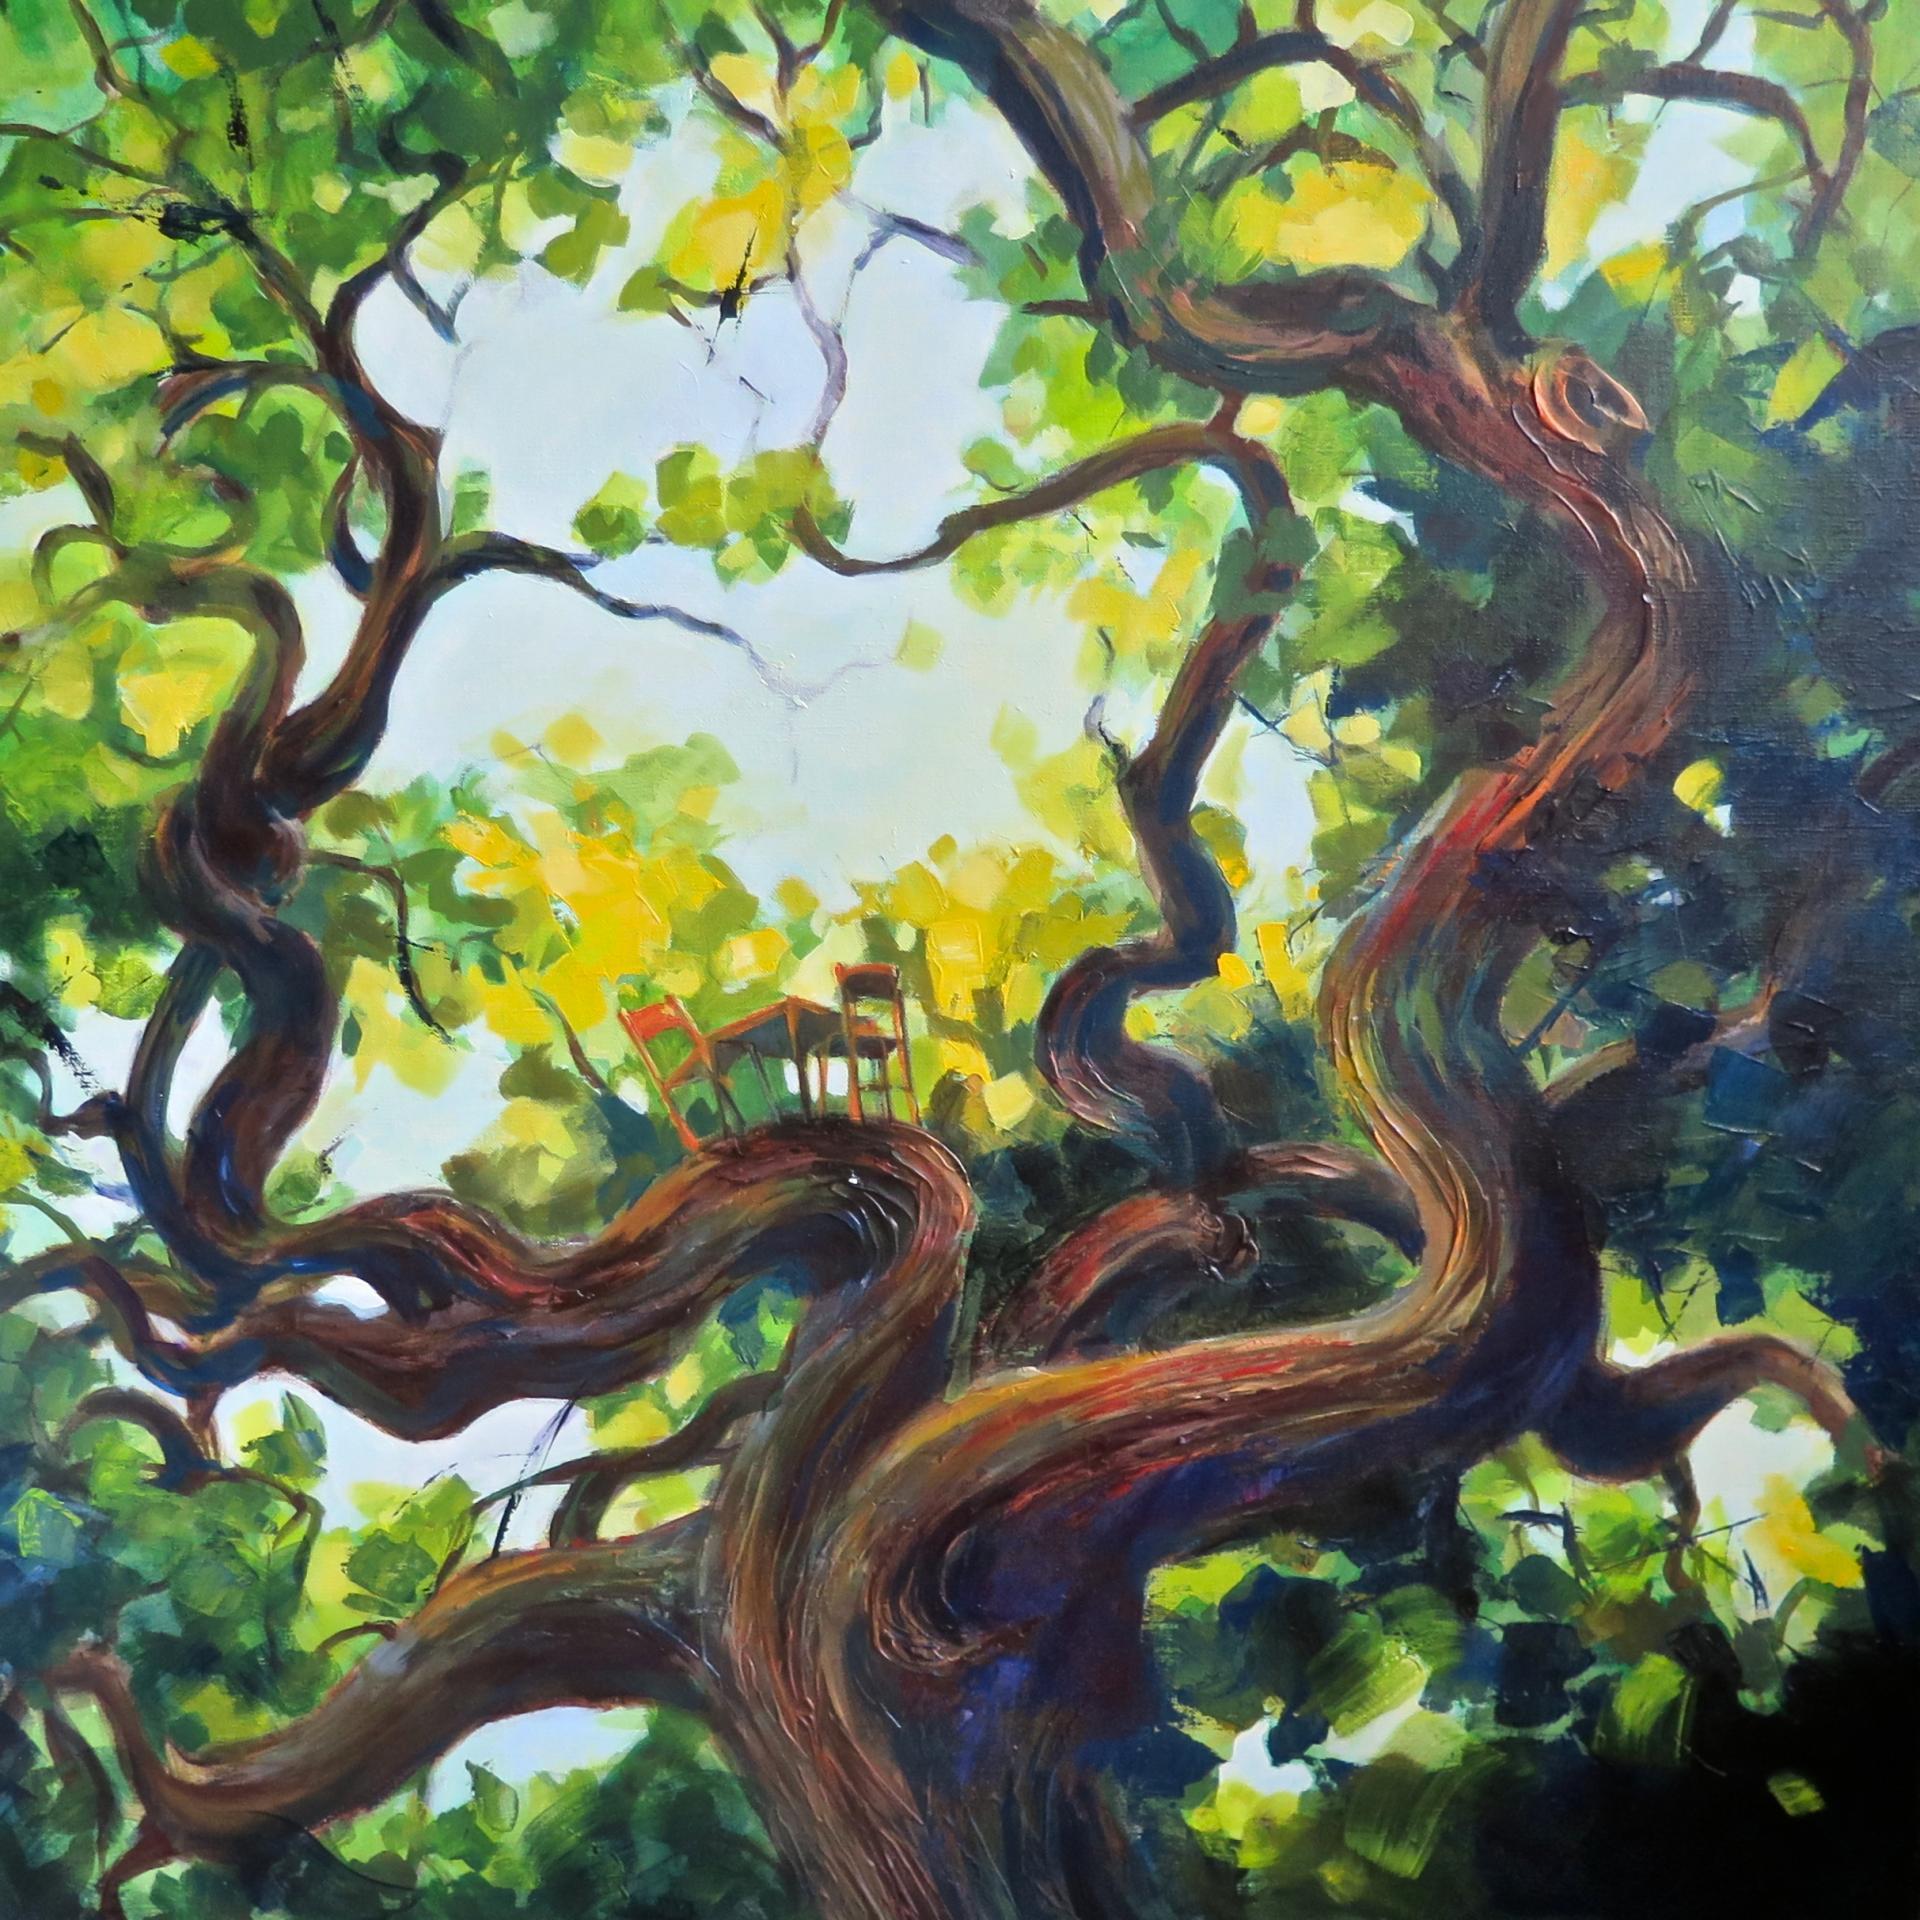 L'arbre à cabane